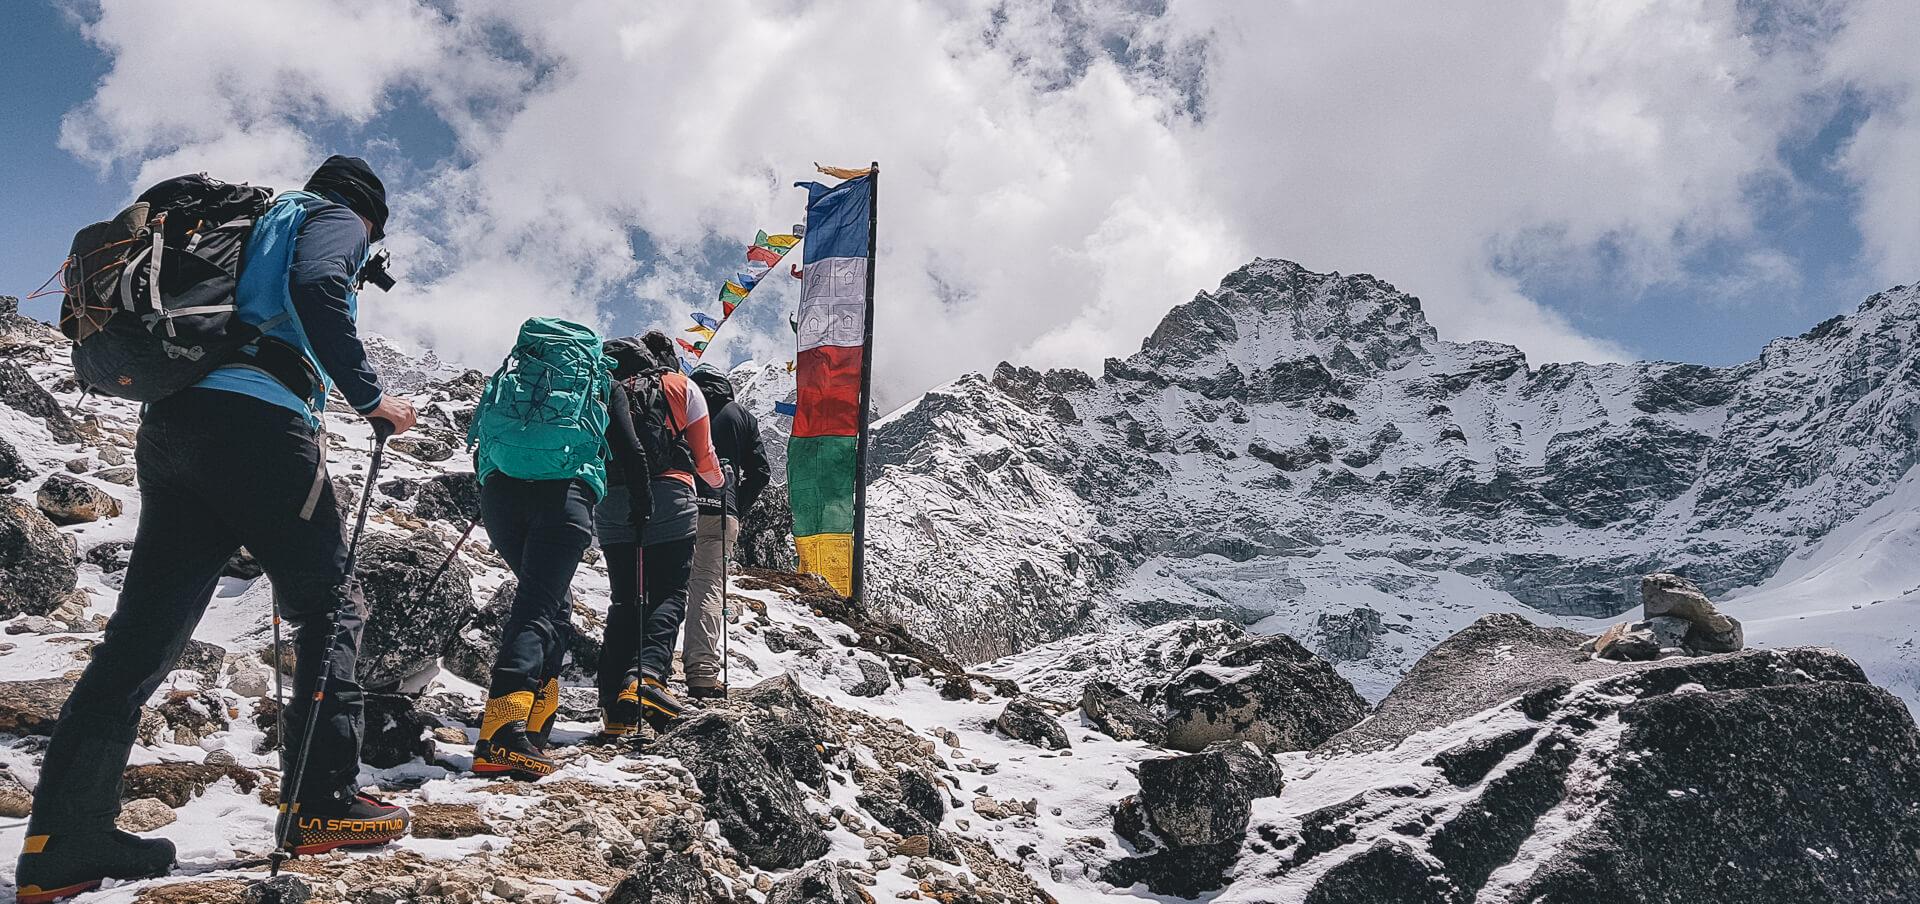 How hard is it to climb Mera Peak